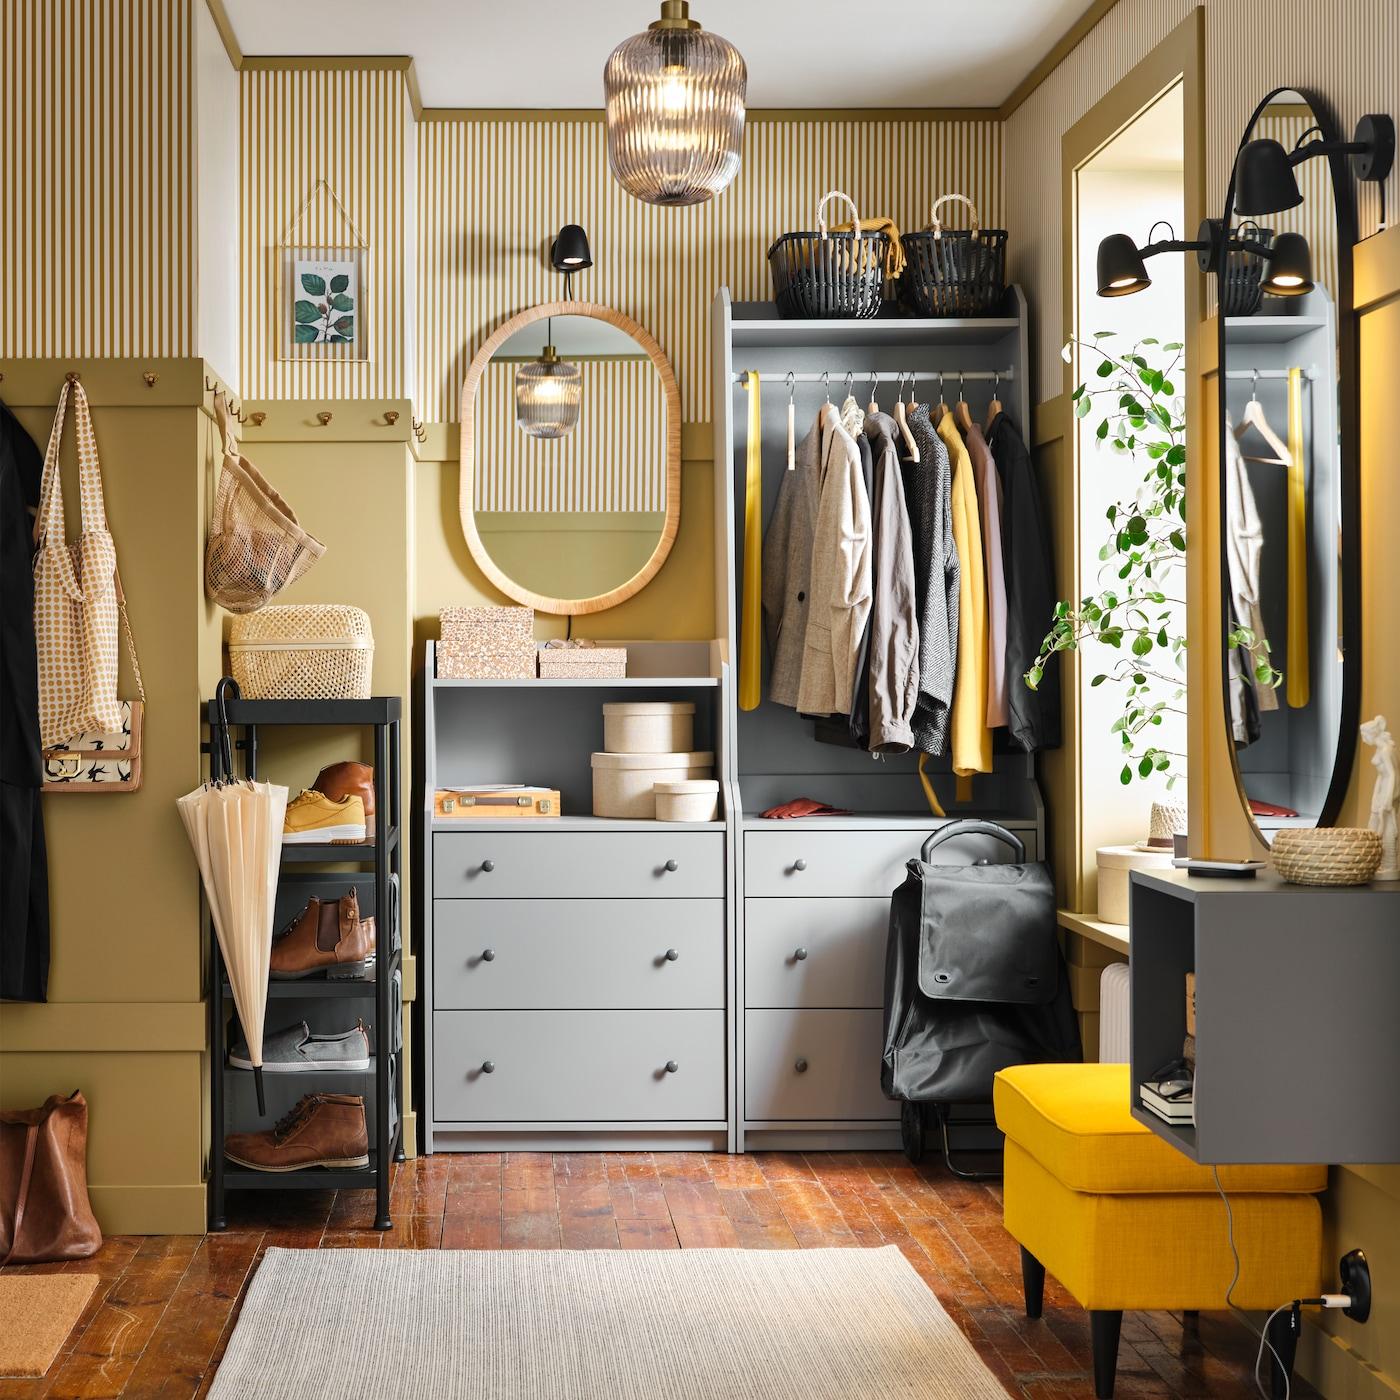 Mały korytarz z otwartymi półkami, szarym zestawem mebli do przechowywania i haczykami w kolorze mosiądzu.